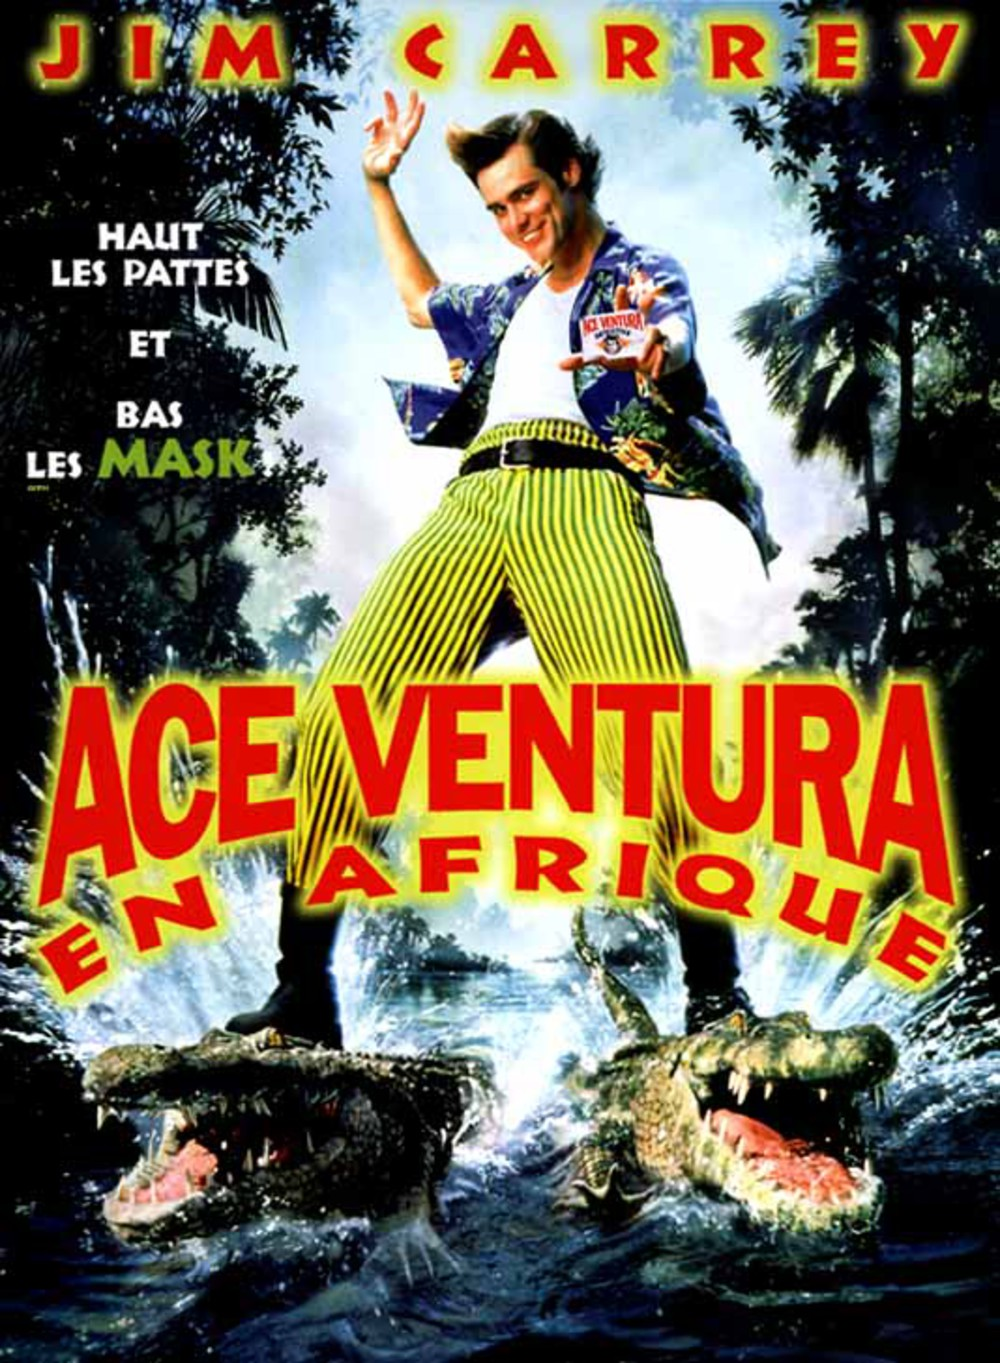 Ace Ventura 2 - En Afrique affiche